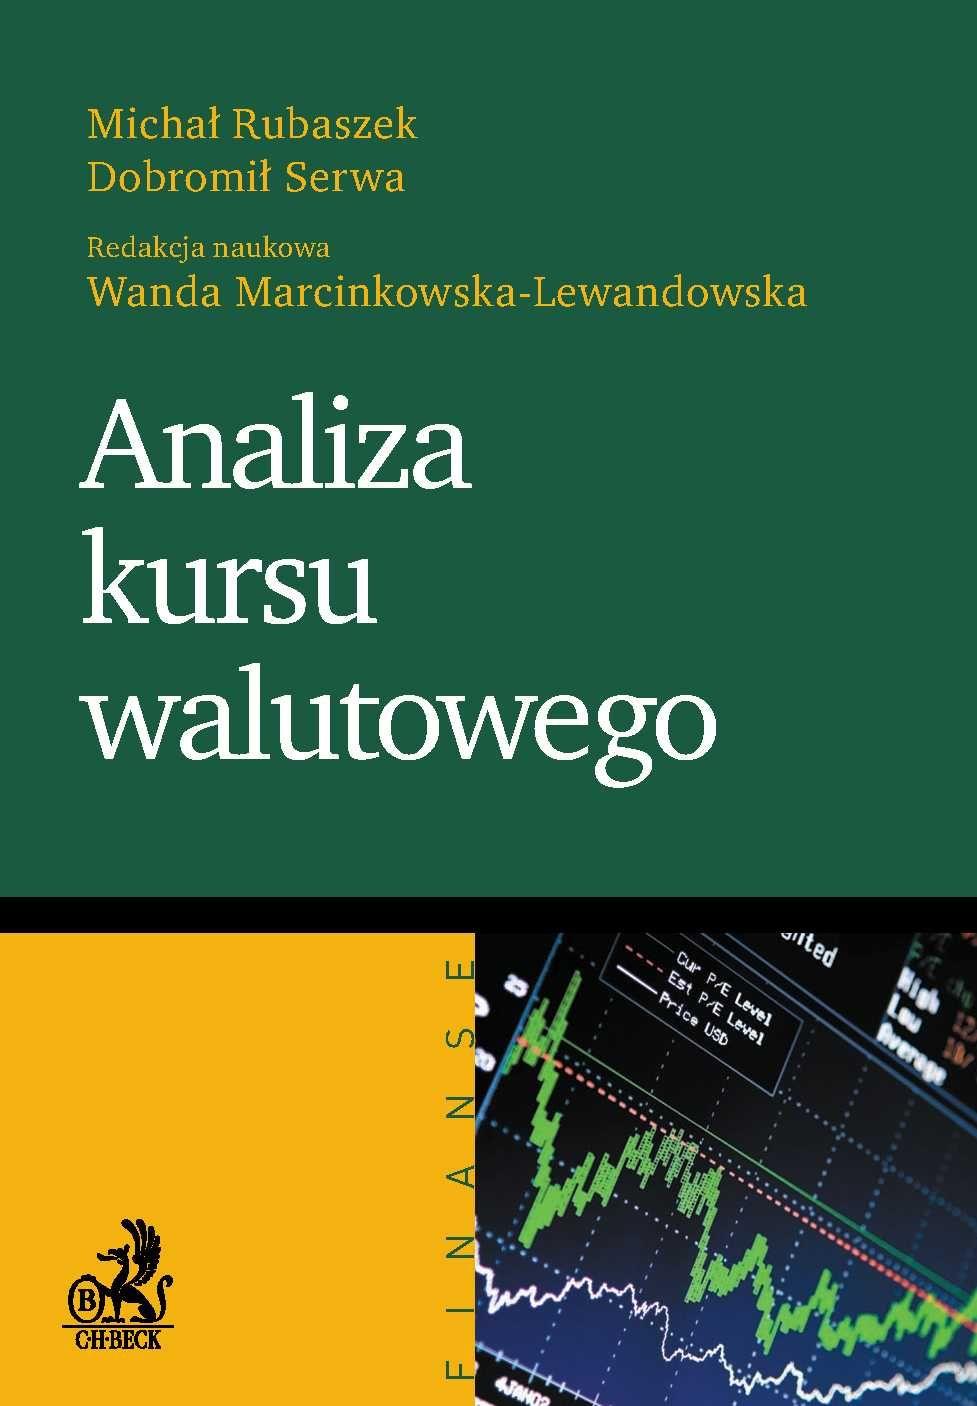 Analiza kursu walutowego - Ebook (Książka PDF) do pobrania w formacie PDF